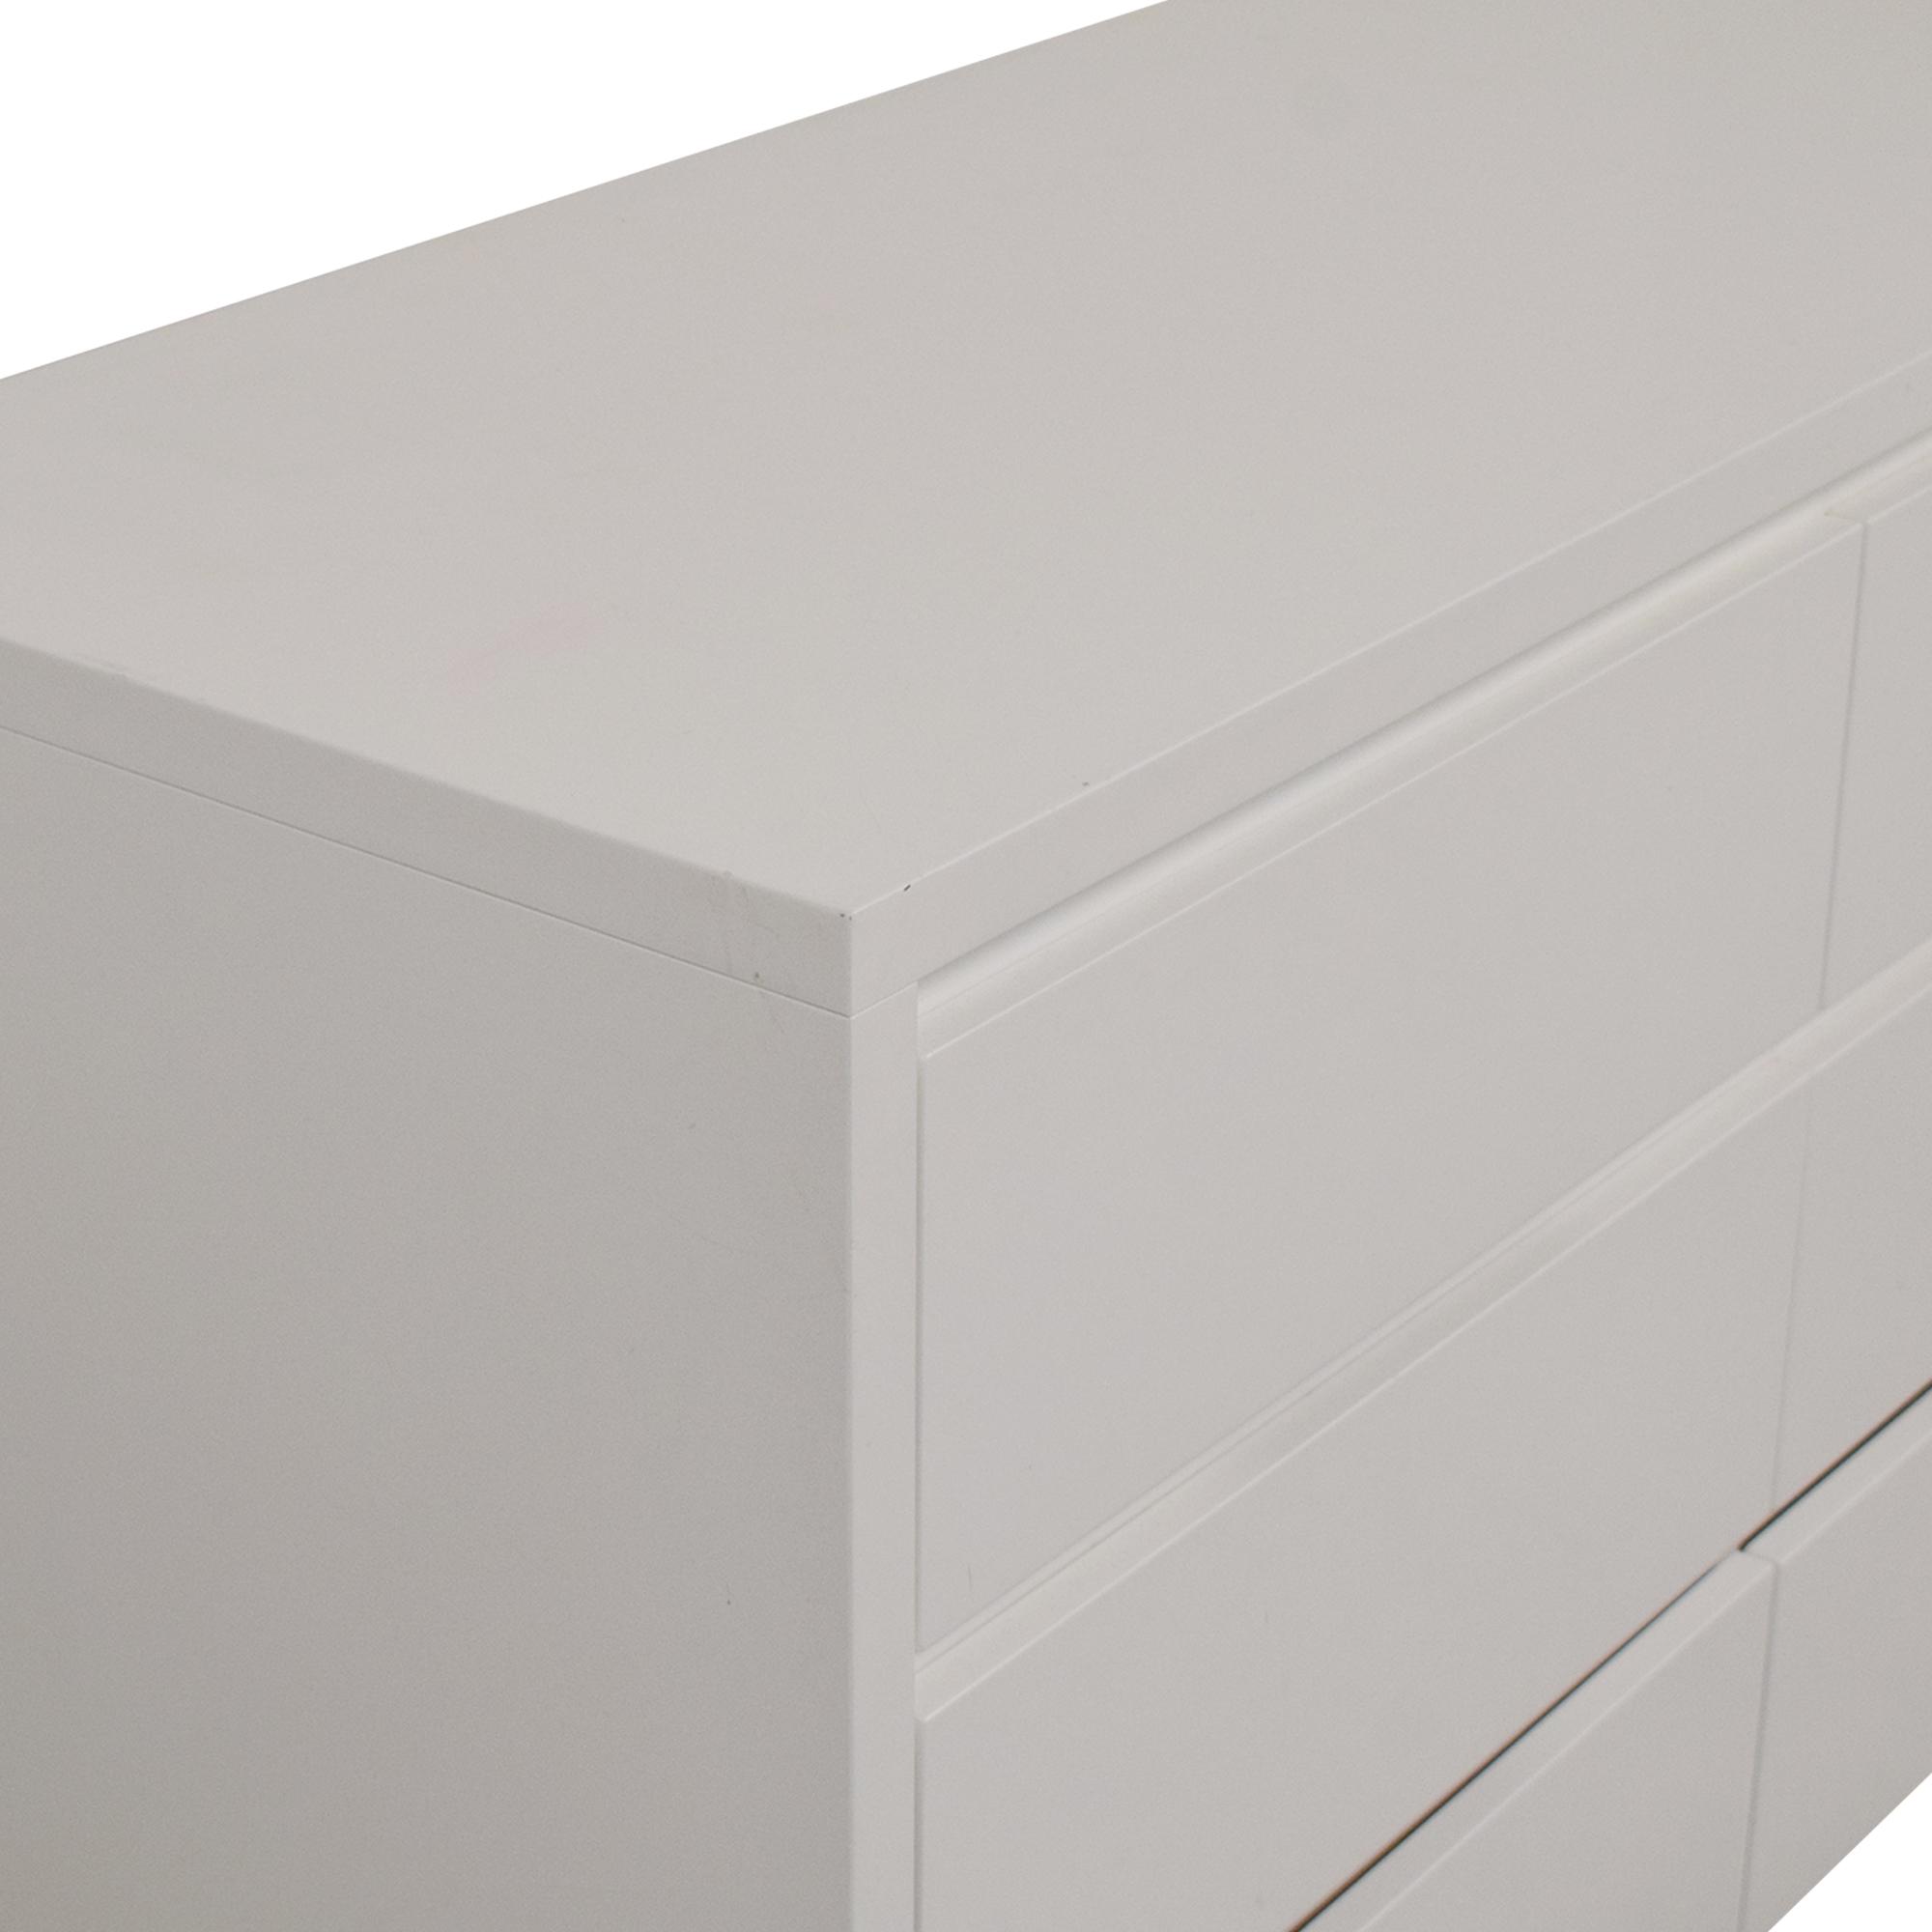 Urbangreen Furniture Urbangreen Six Drawer Urban Basics Dresser coupon